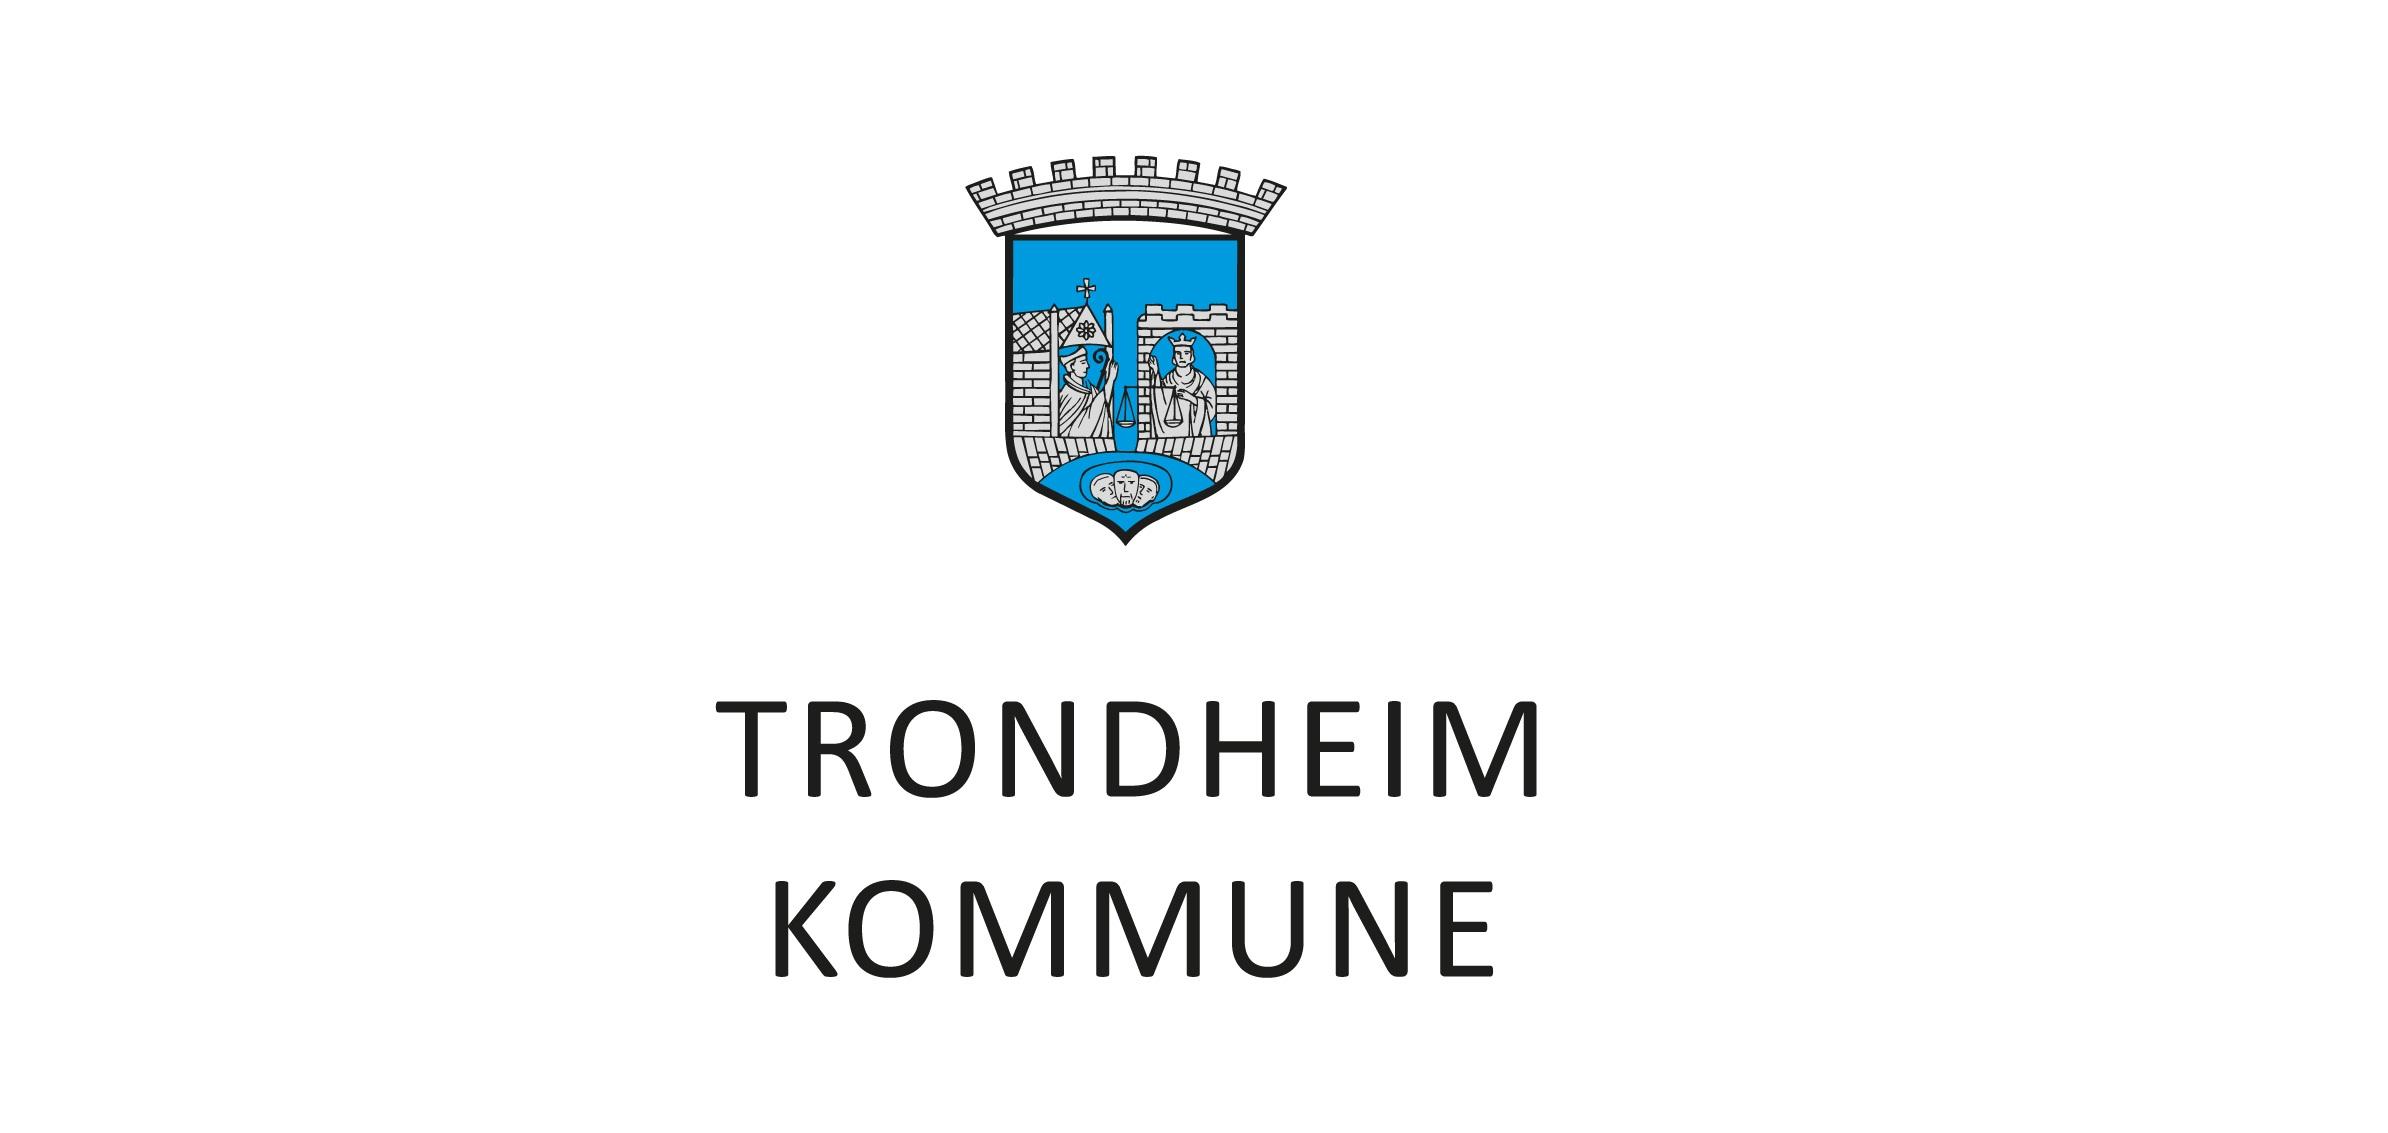 01 Trondheim kommune